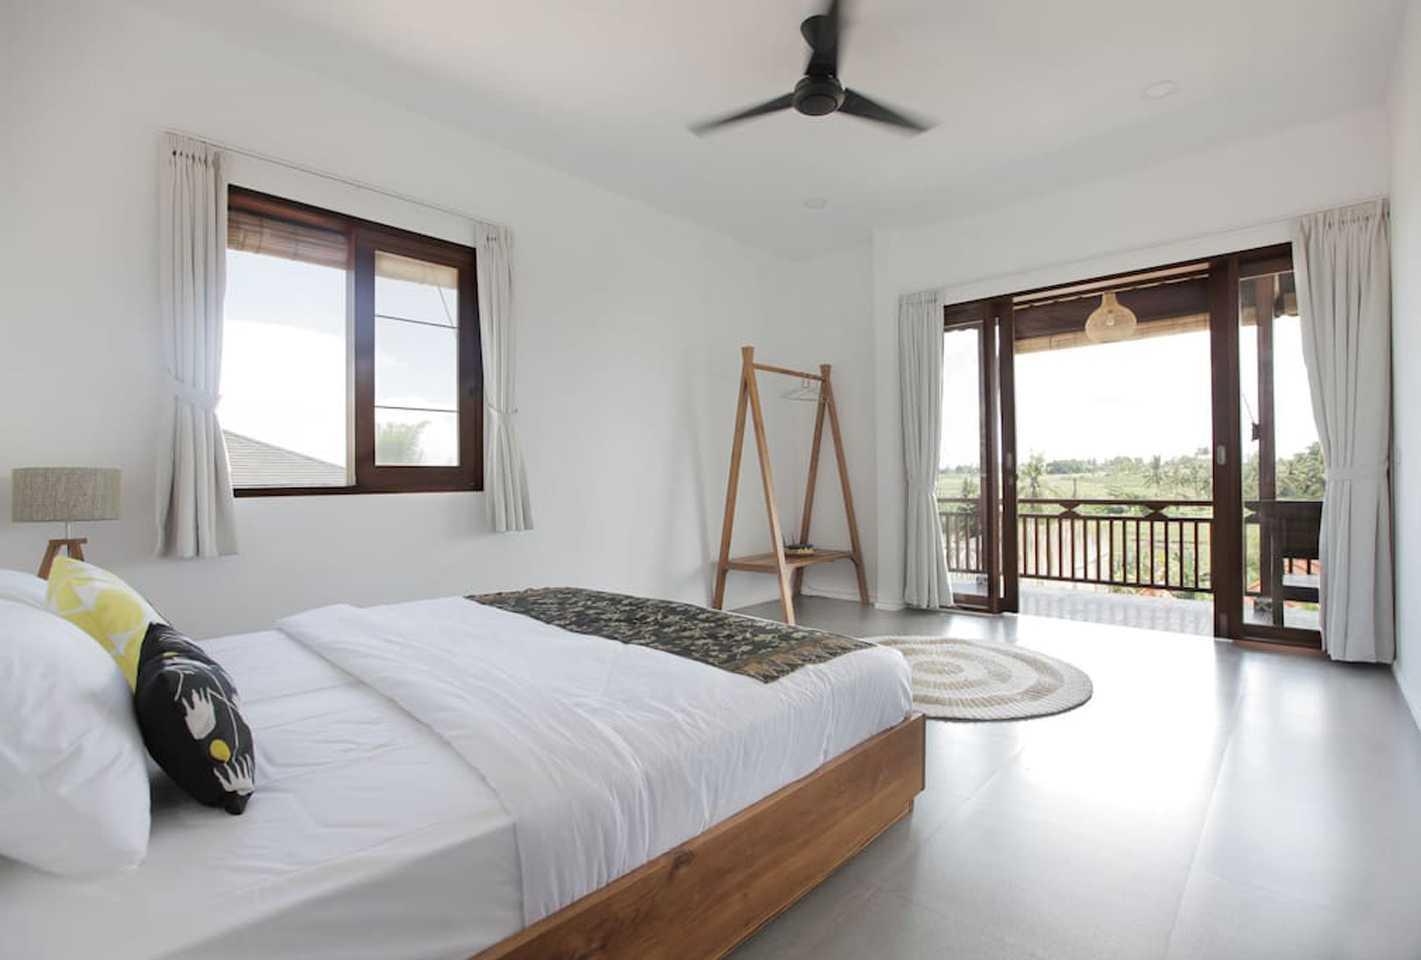 Hg Architects & Designers Associates Villa Pererenan Pererenan, Mengwi, Kabupaten Badung, Bali, Indonesia Pererenan, Mengwi, Kabupaten Badung, Bali, Indonesia Bedroom View  48593